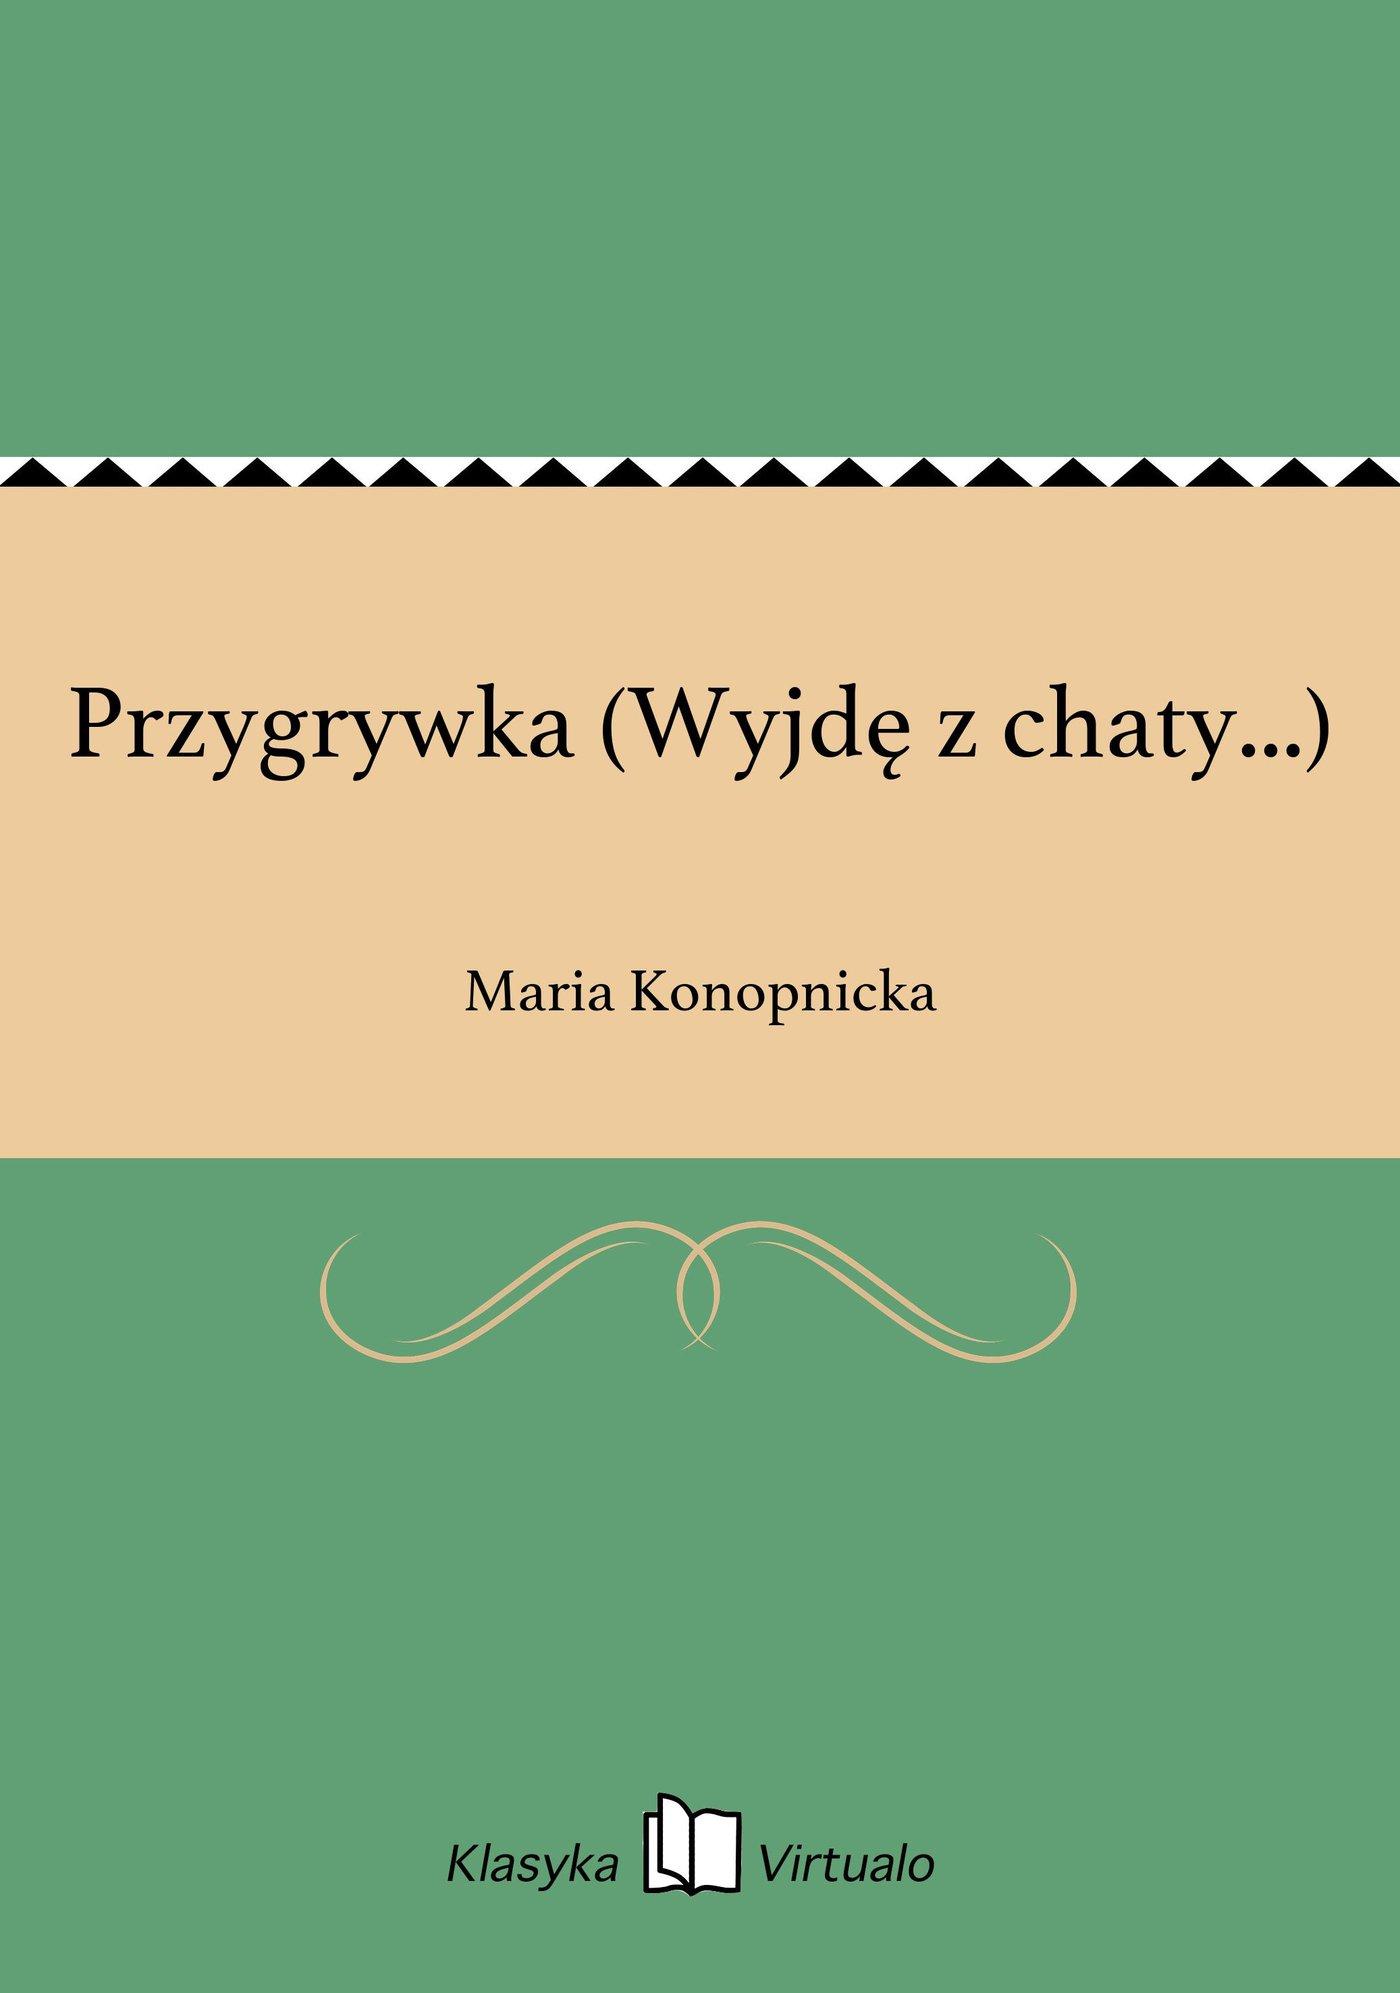 Przygrywka (Wyjdę z chaty...) - Ebook (Książka EPUB) do pobrania w formacie EPUB